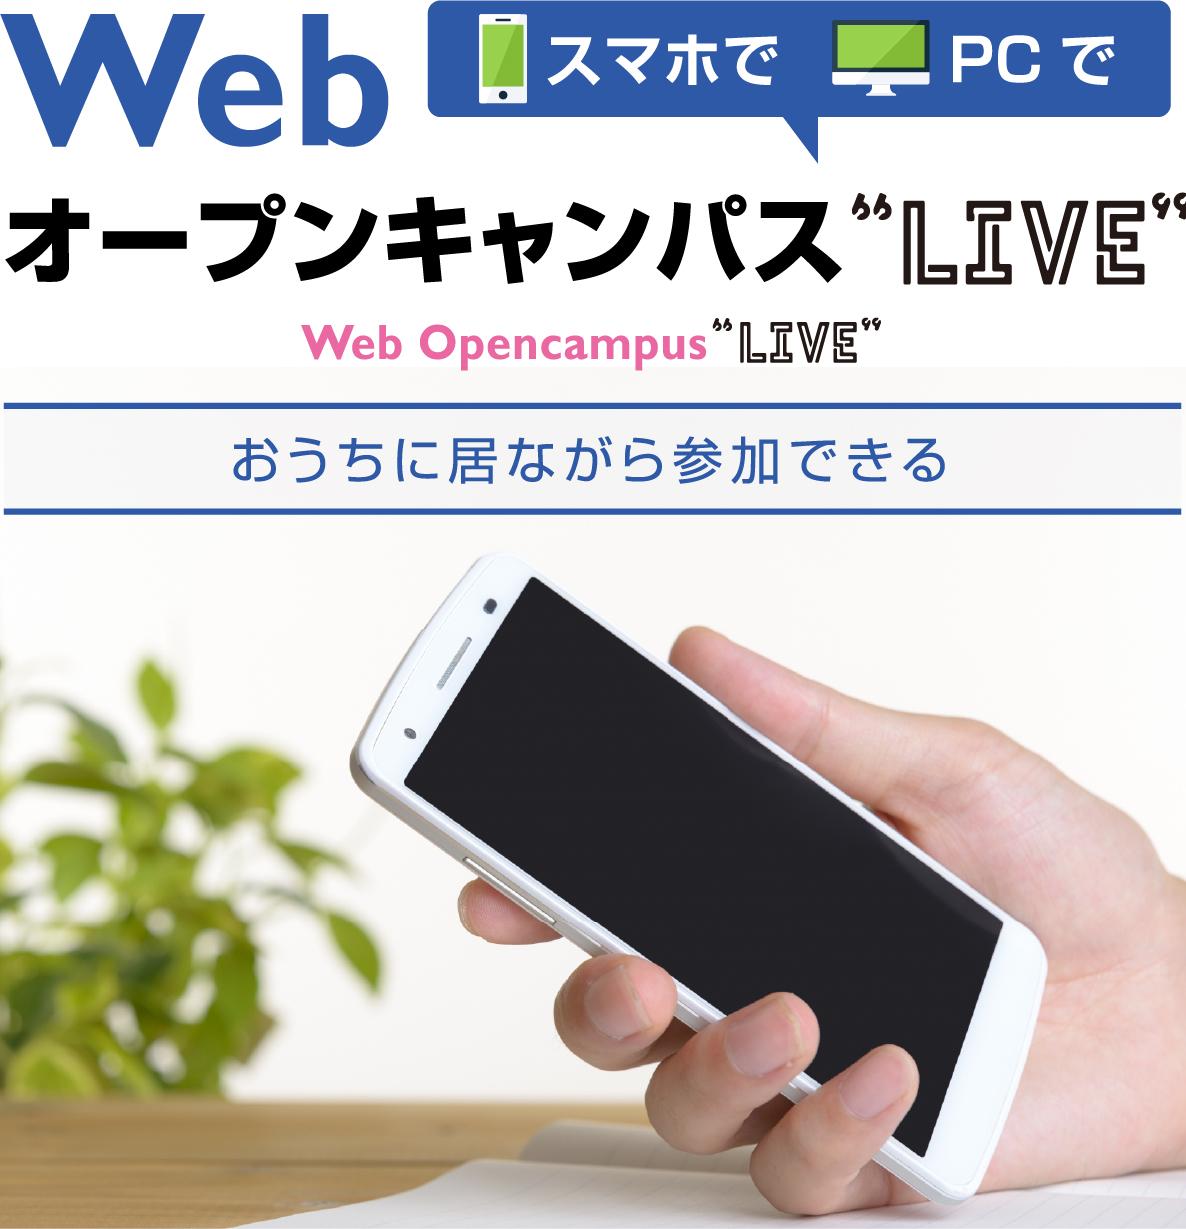 Webオープンキャンパスライブ